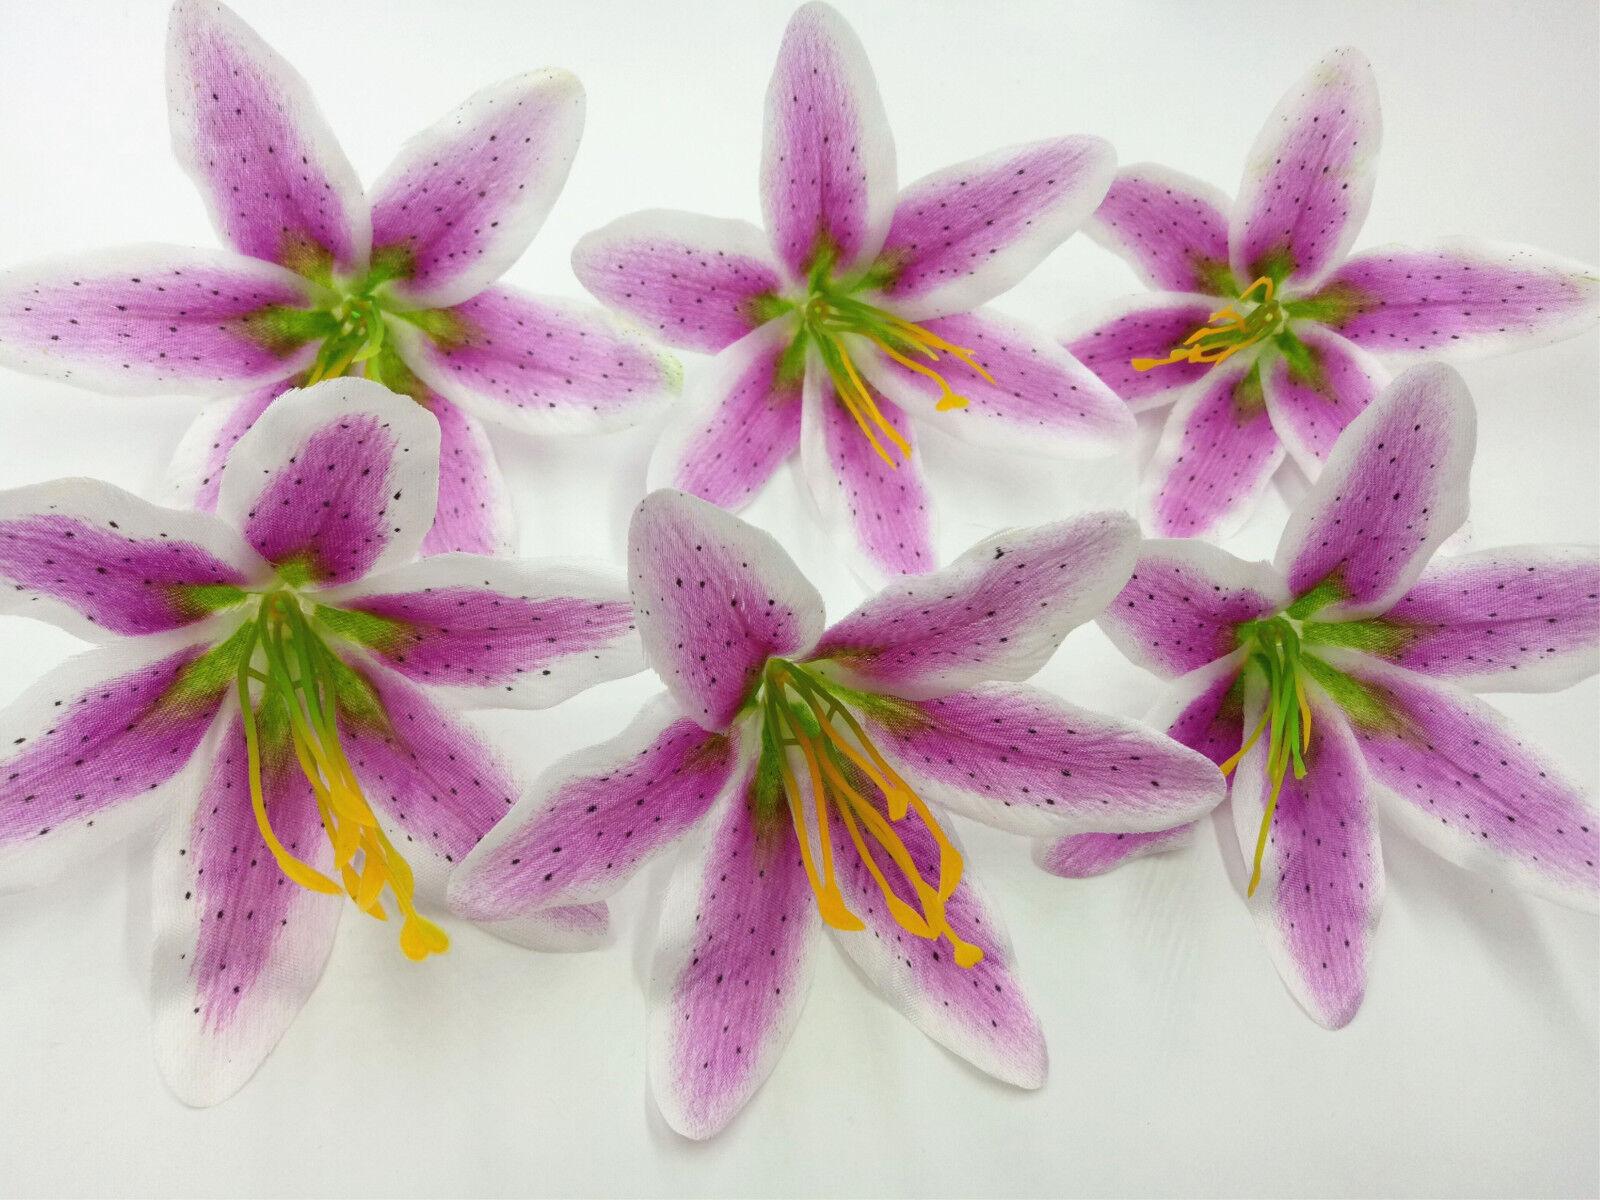 10 100pcs Wholesale Artificial Lily Silk flower Heads Assembled Party Decorat